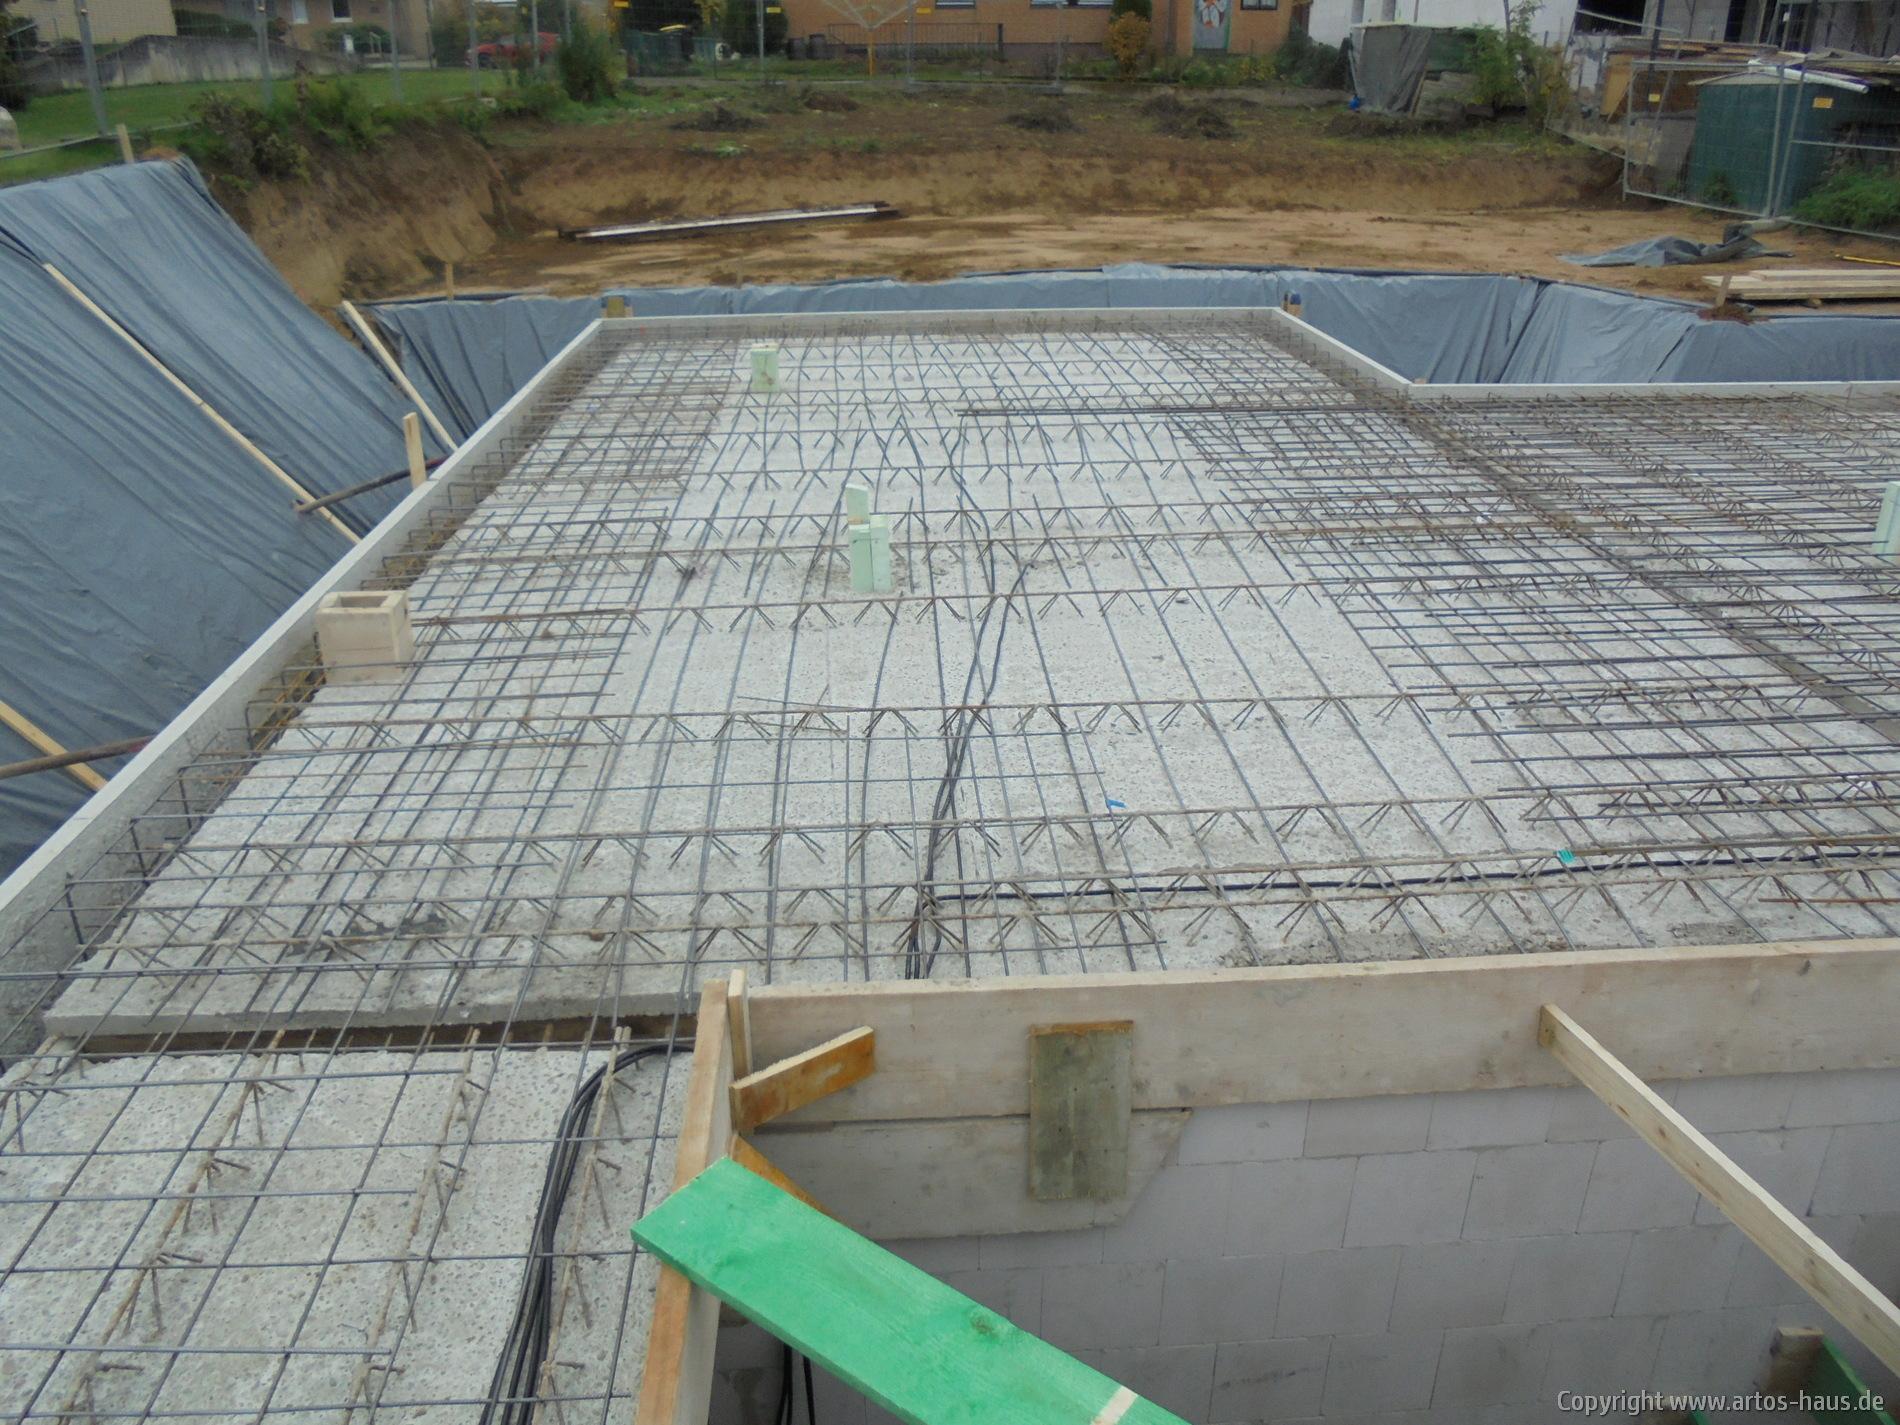 Keller / Bauvorhaben in Euskirchen | ARTOS-HAUS Bild 4